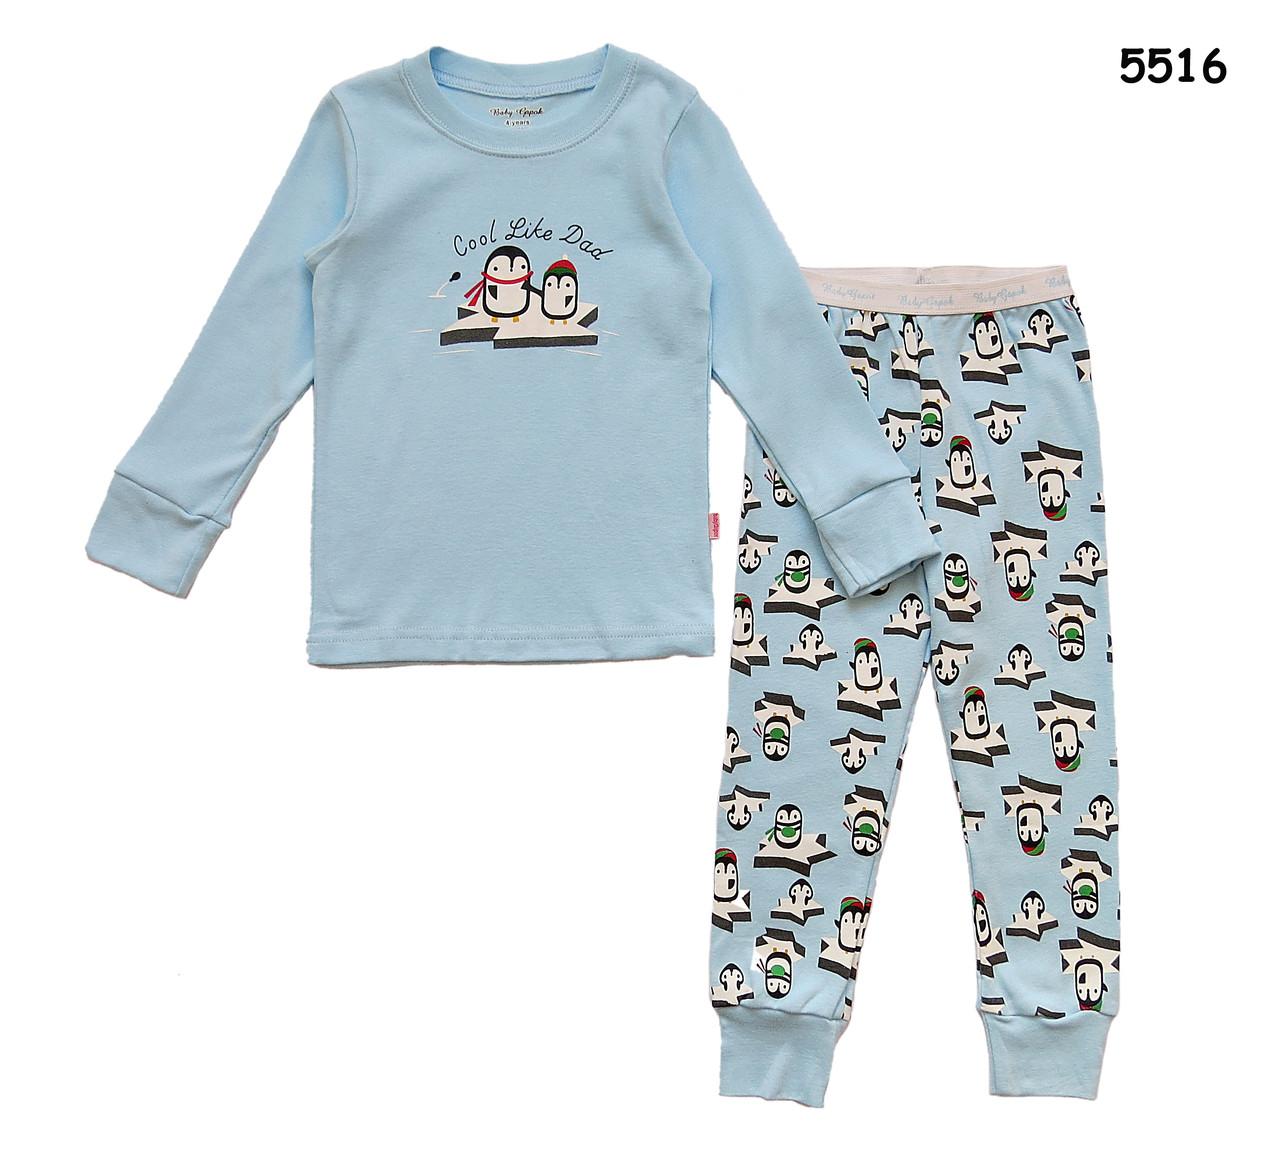 3b1123a9367fa Пижама Пингвинчики унисекс. 6 лет - Детская одежда и товары